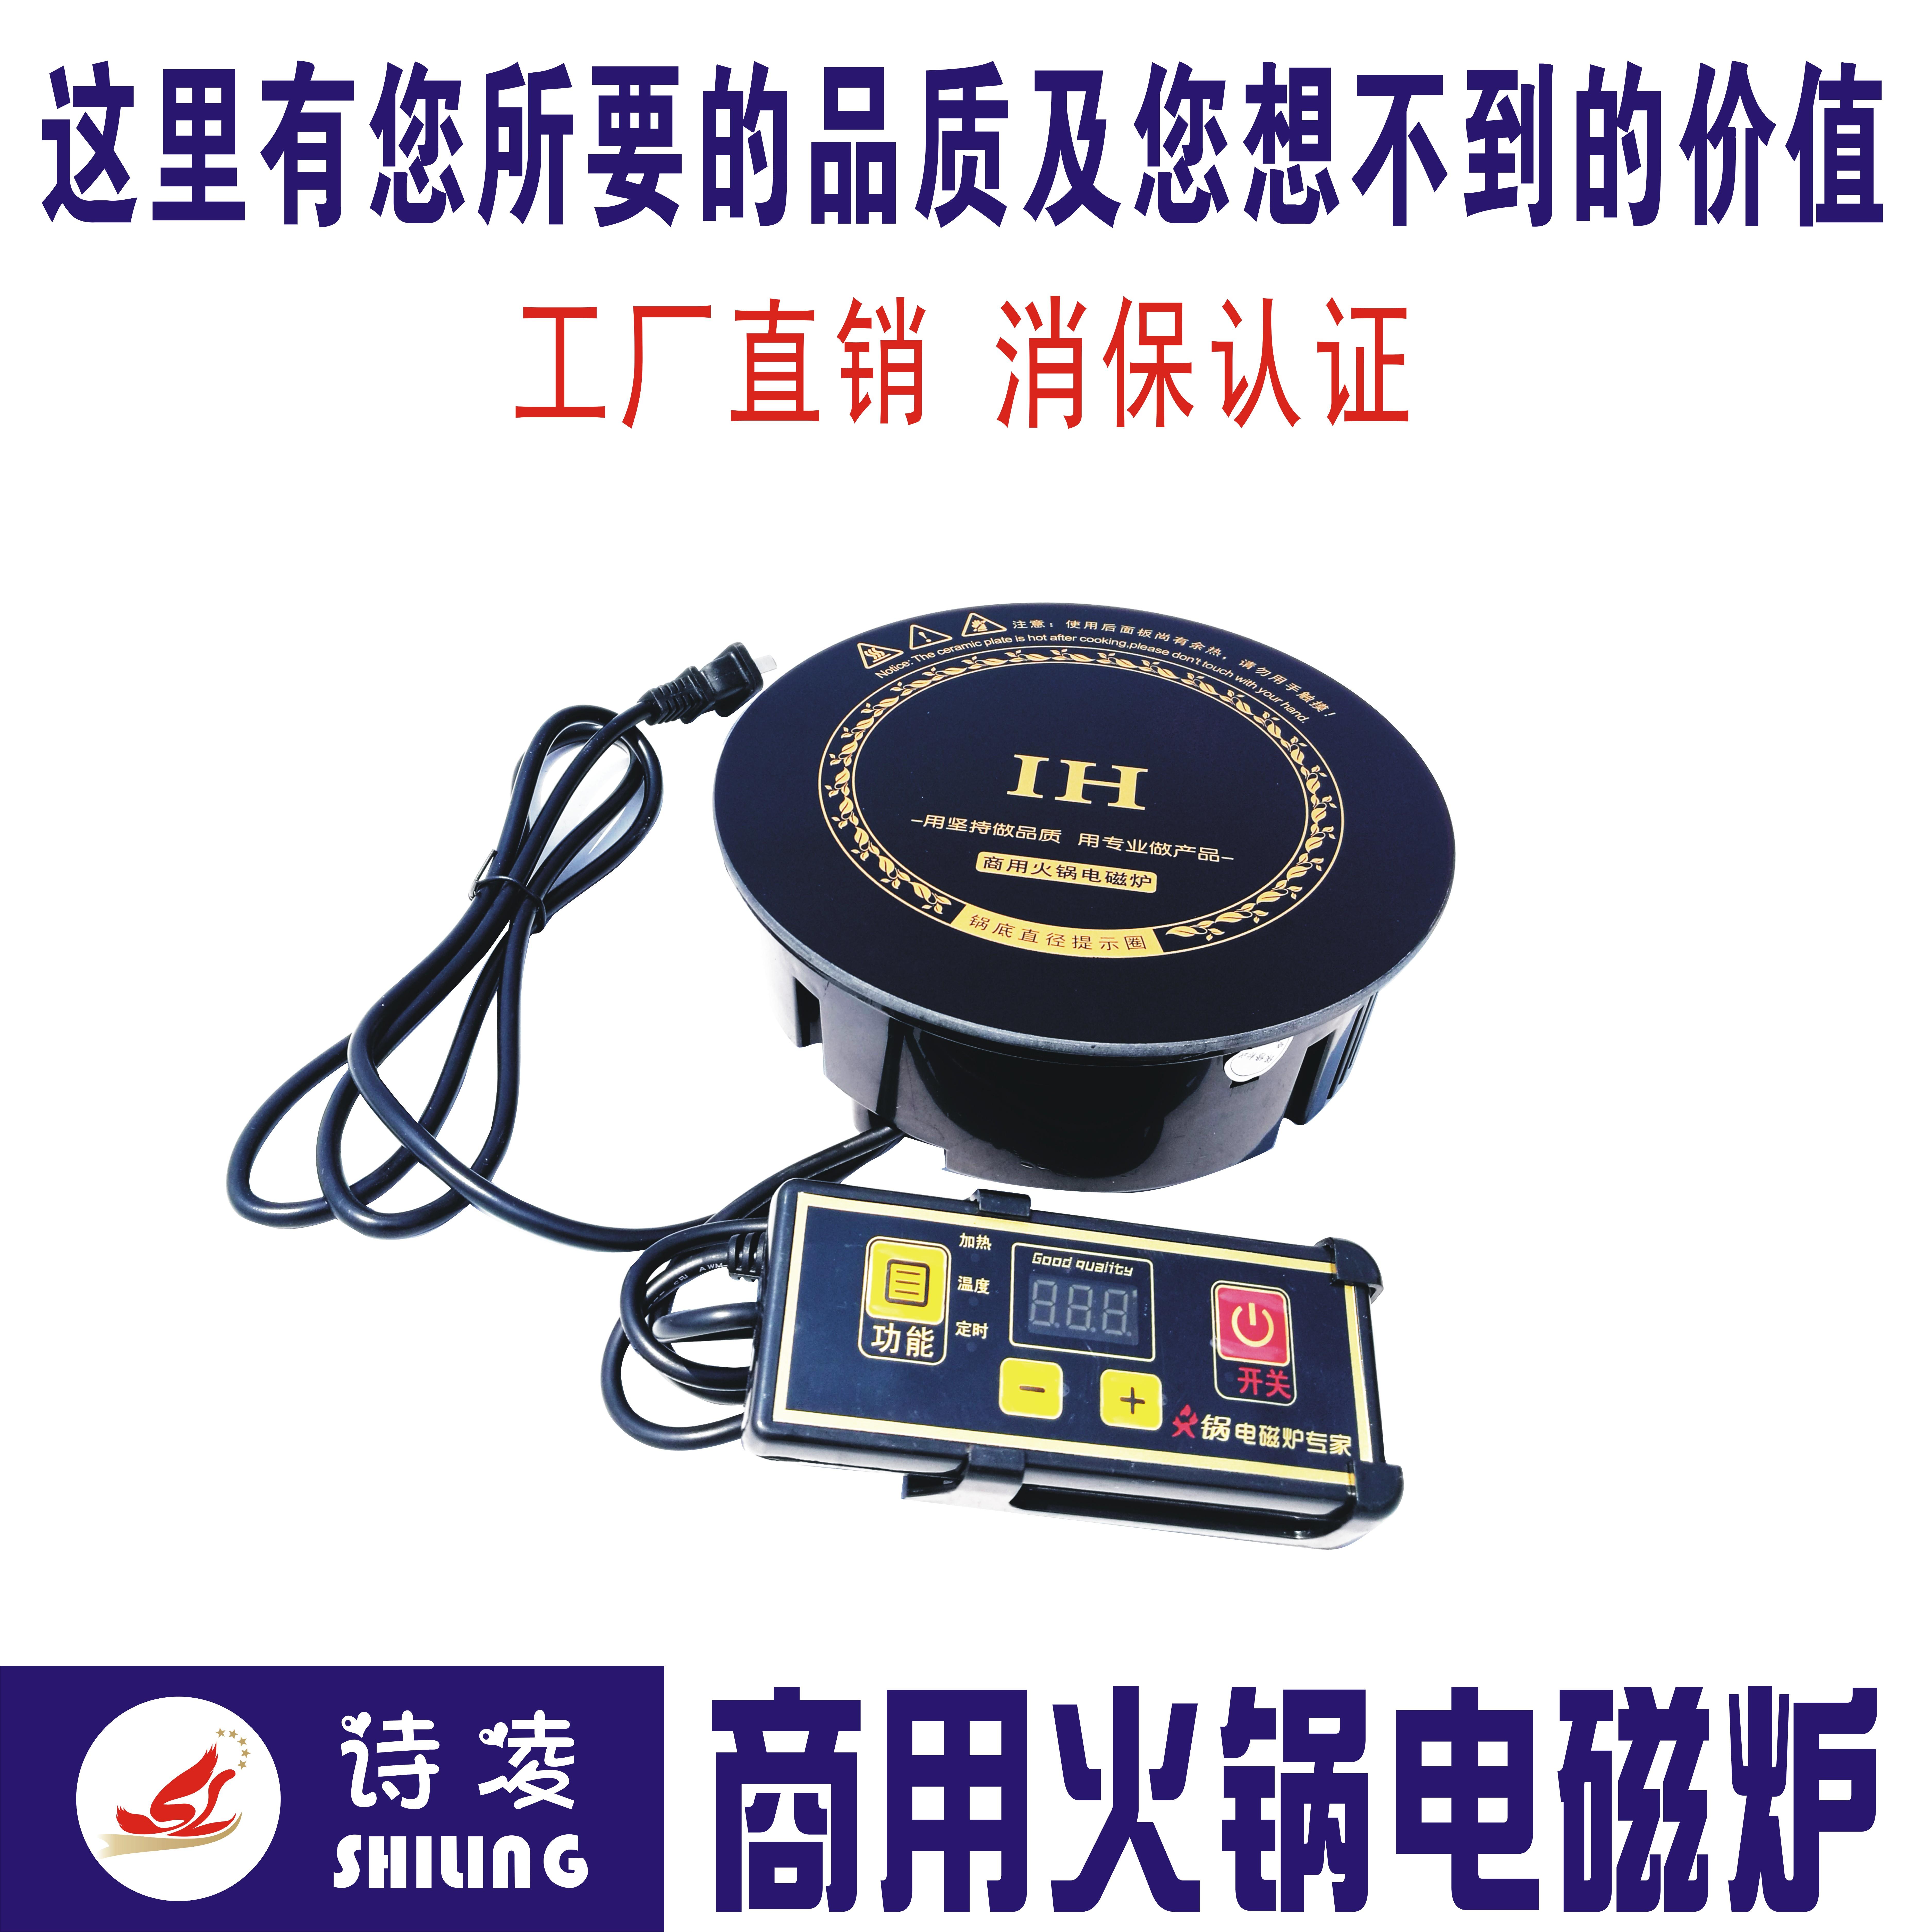 广东顺德诗凌电器制造有限公司加盟